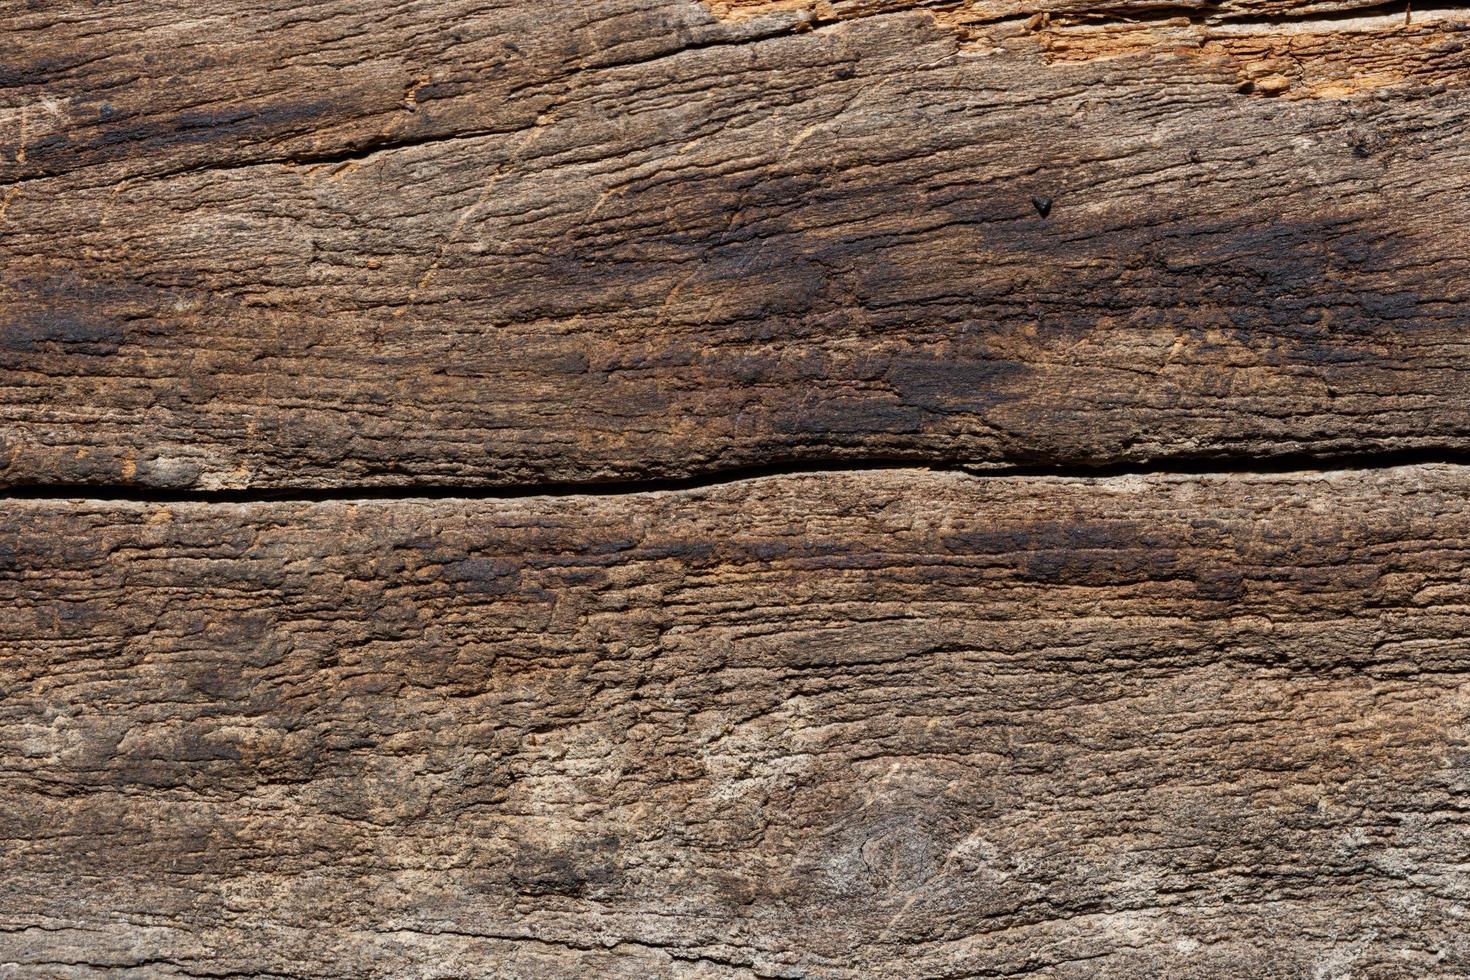 oude houten patroon textuur foto